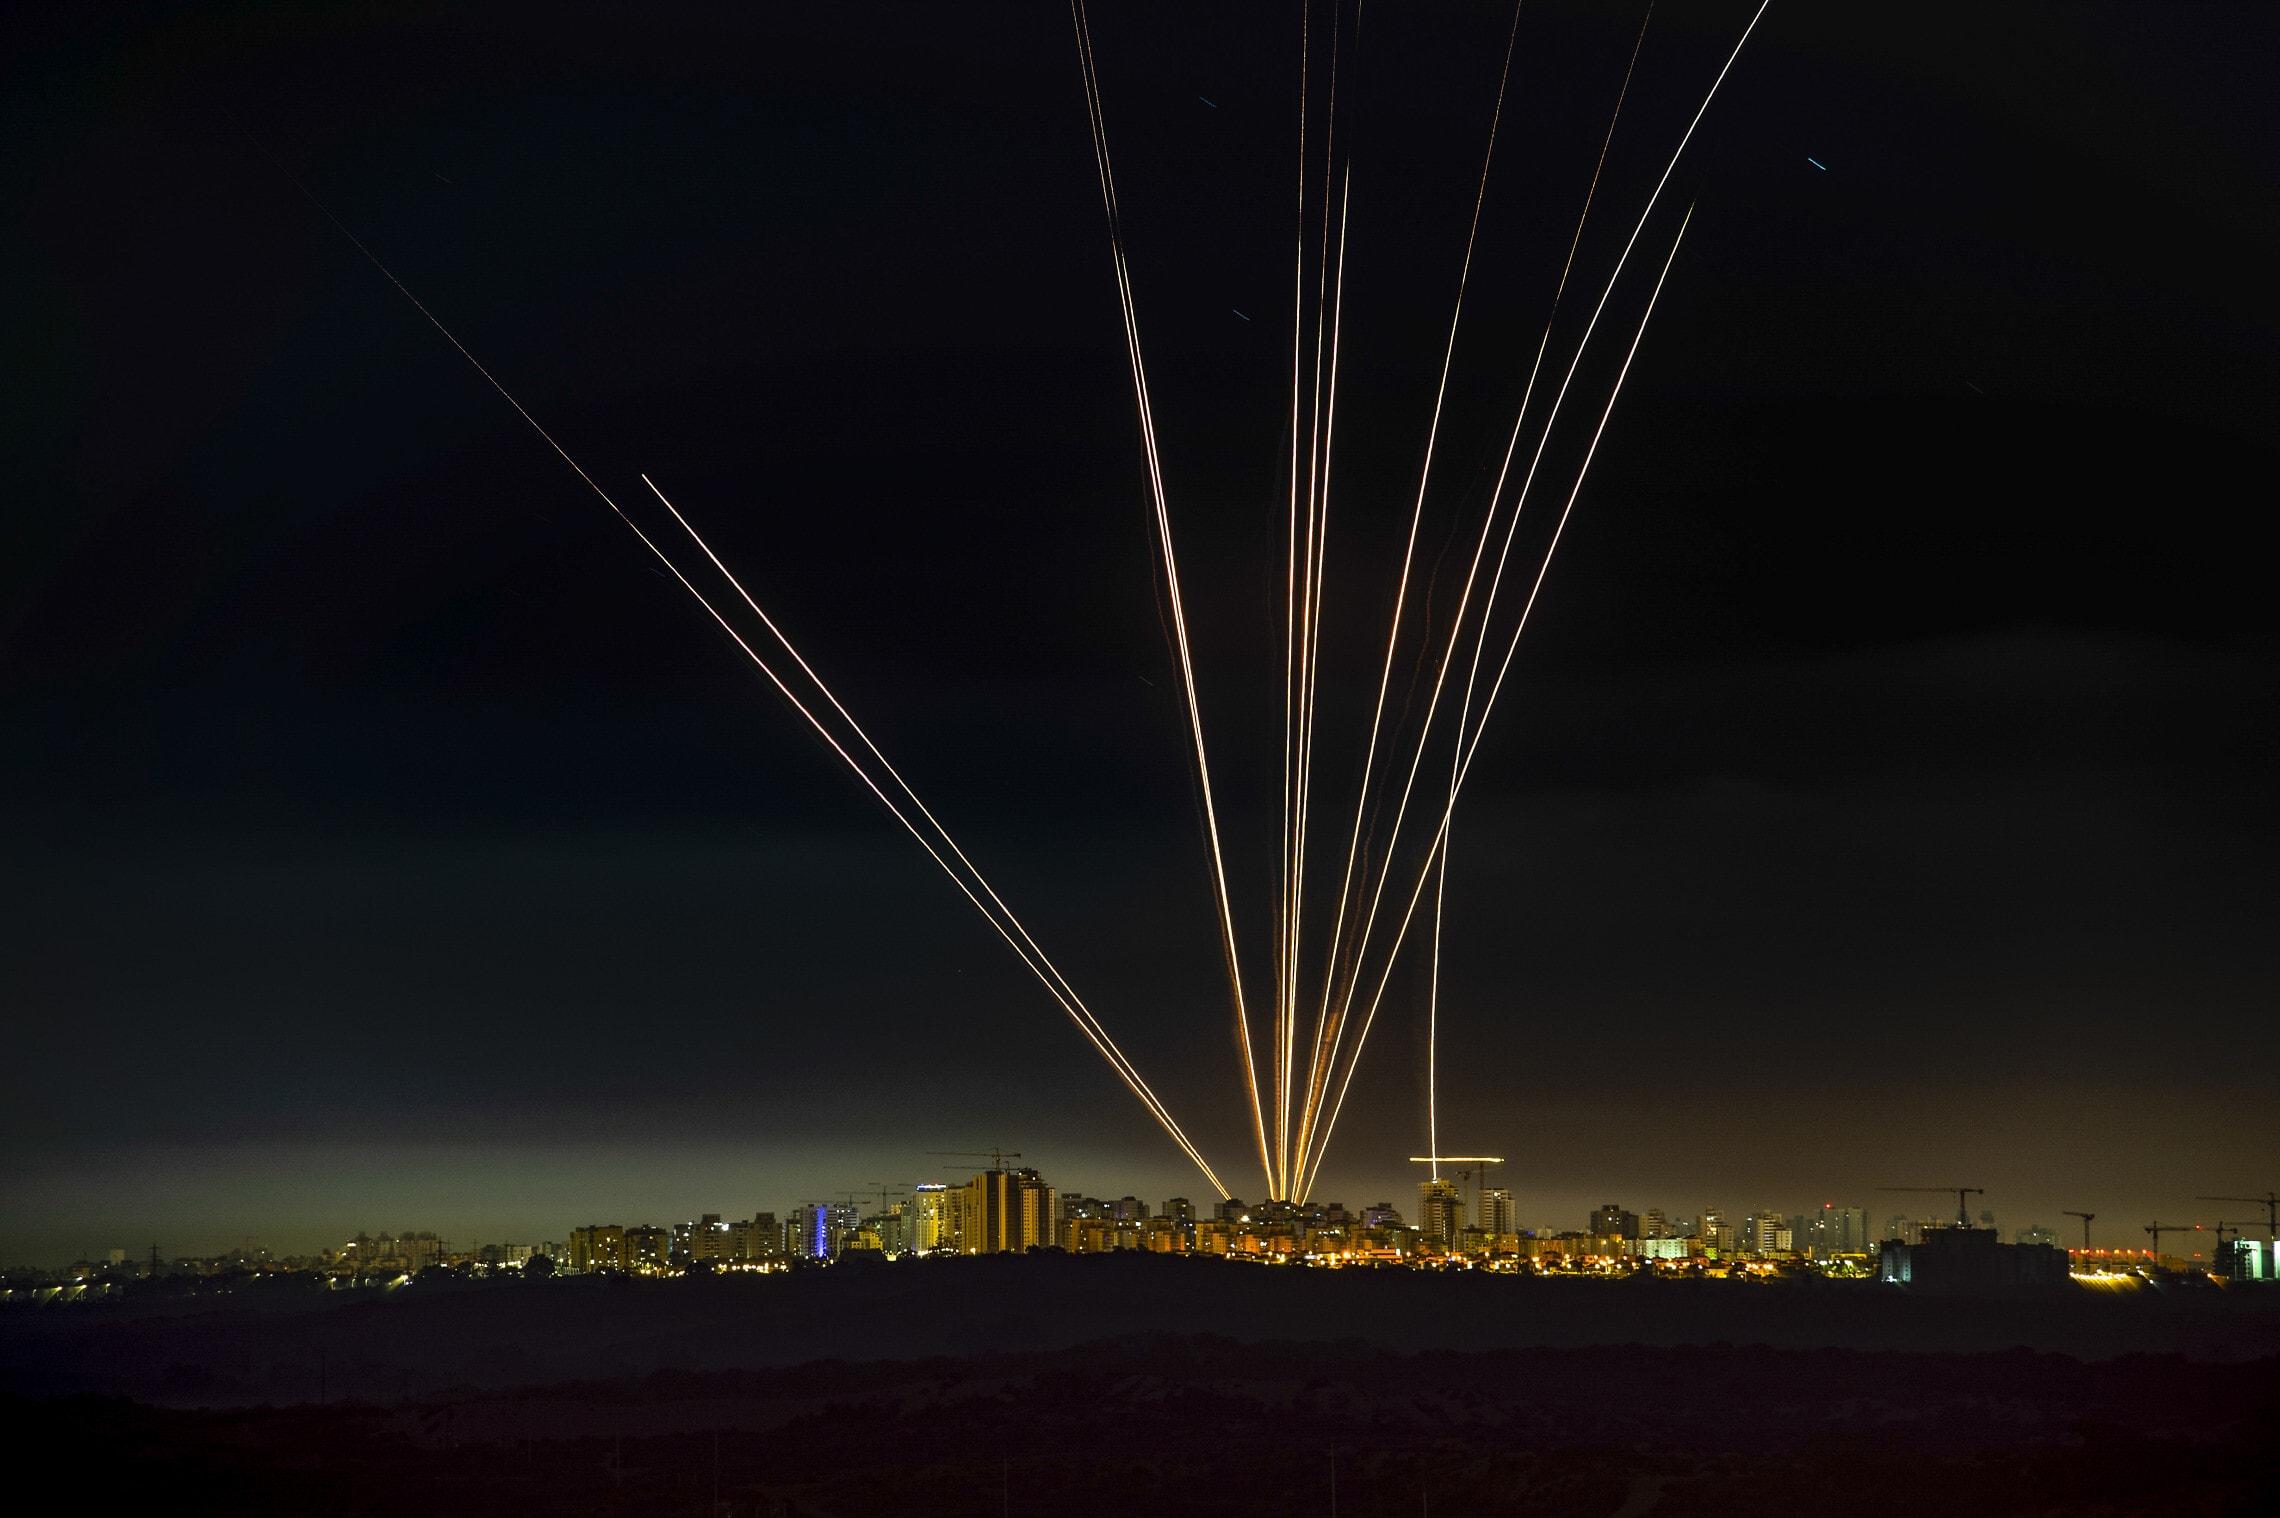 מערכת כיפת ברזל ליד אשדוד מיירטת רקטות שנורו מעזה, 15 במאי 2021 (צילום: אבי רוקח/פלאש90)